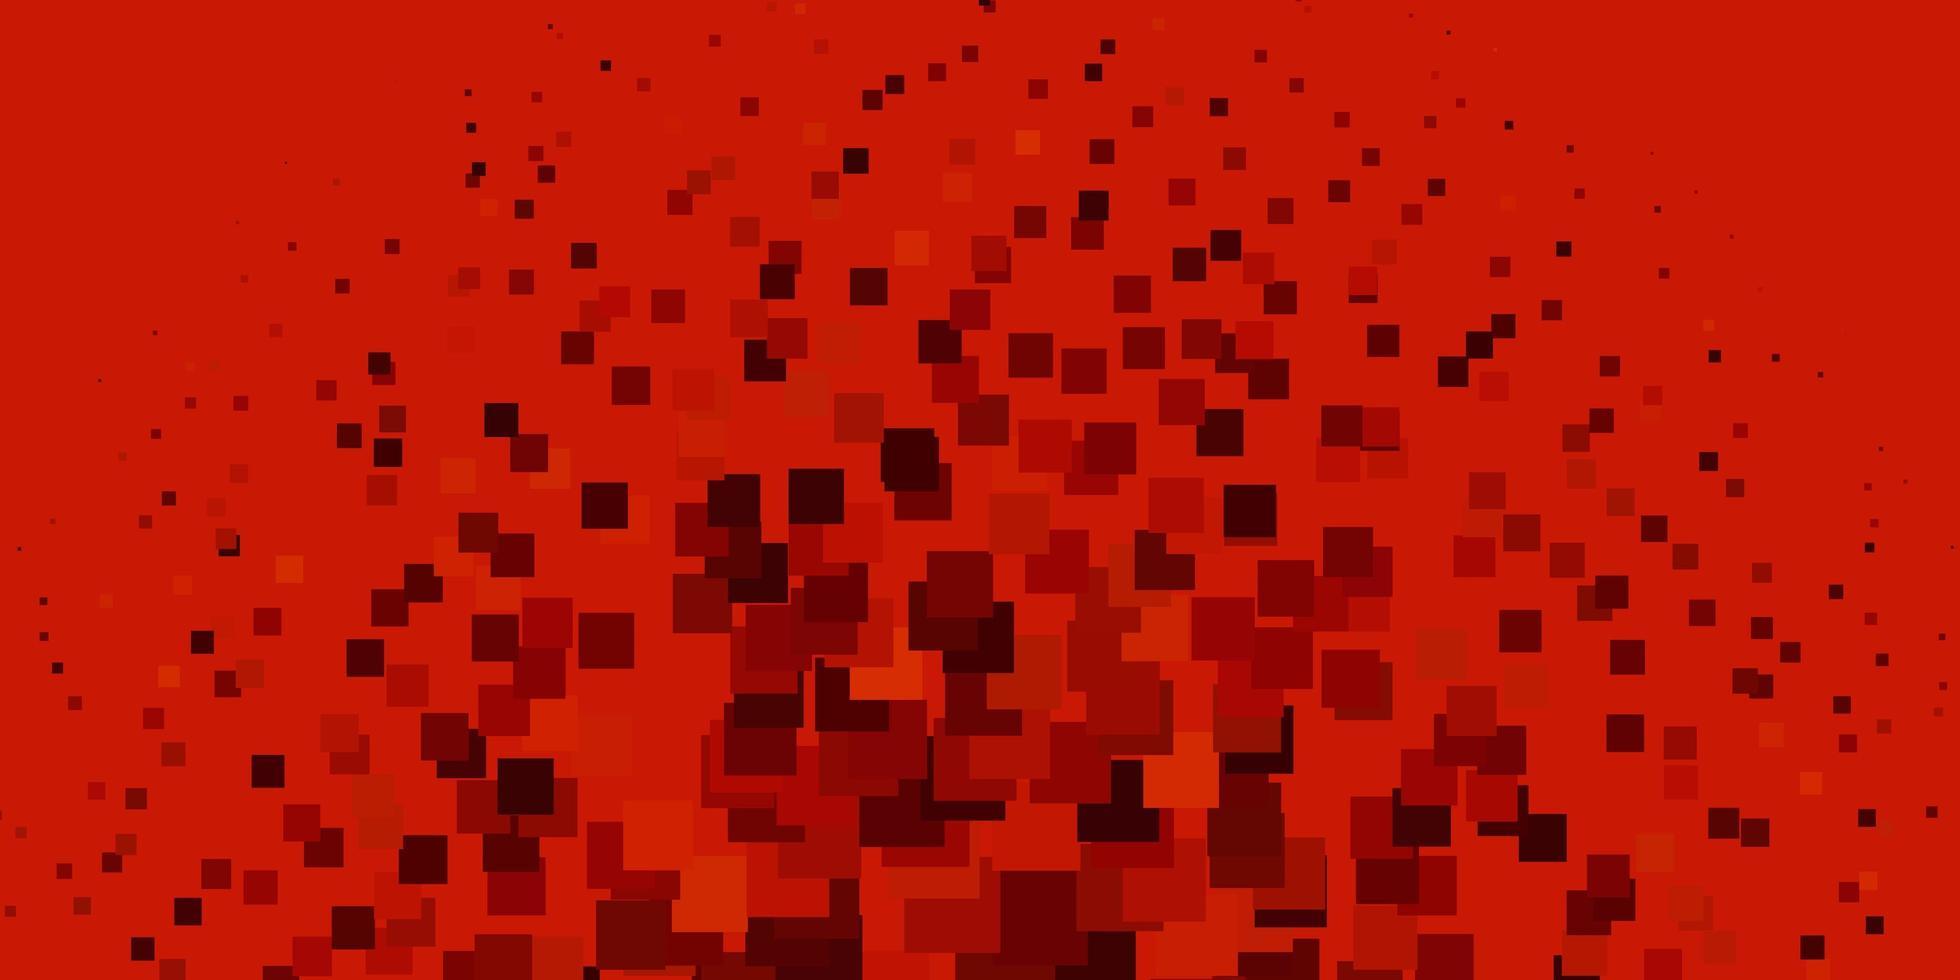 trama vettoriale rosso chiaro in stile rettangolare.